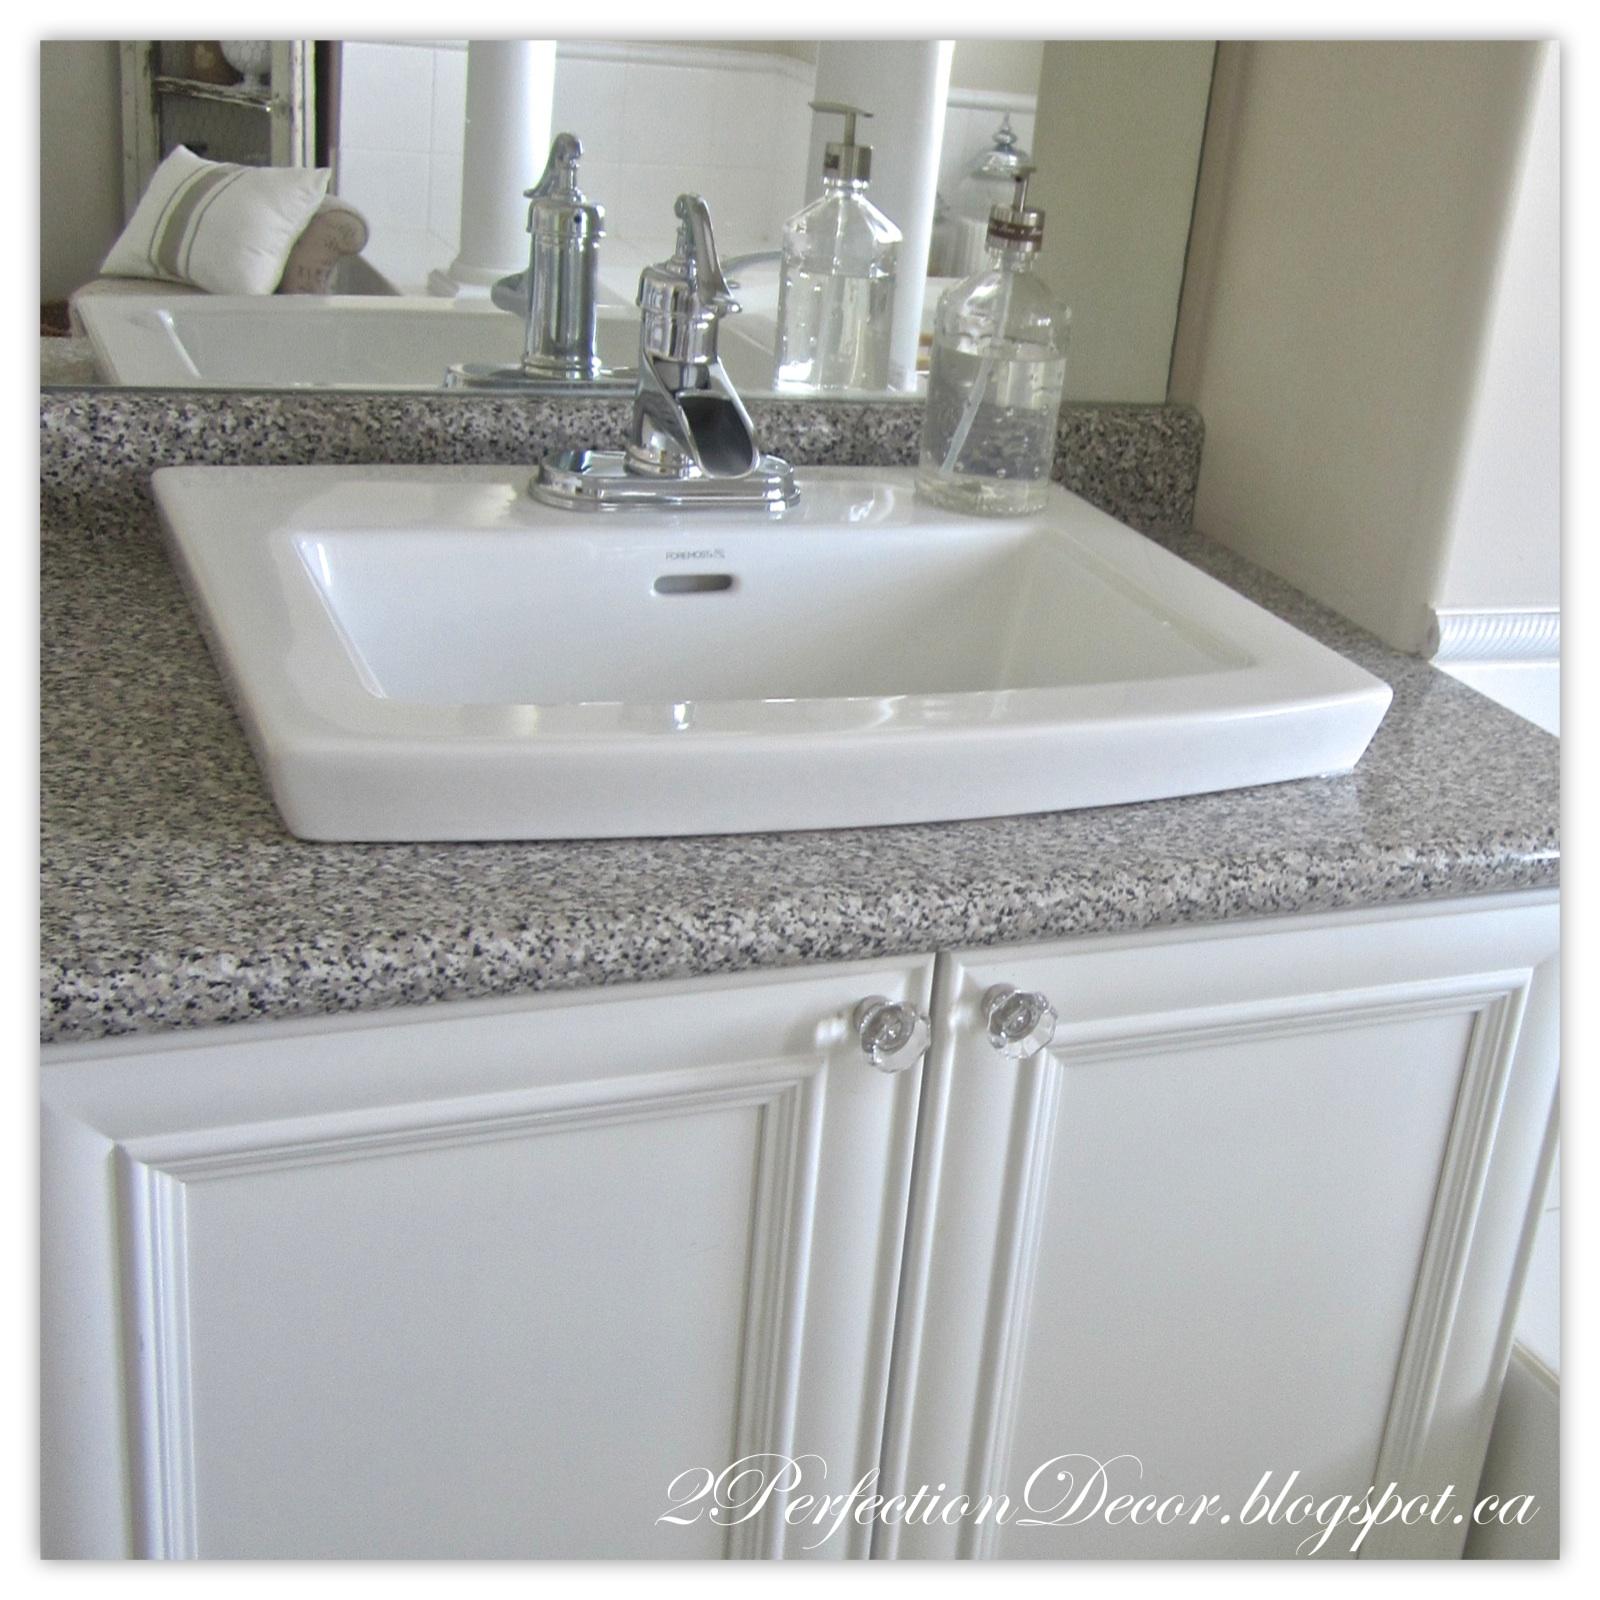 Cute Updating old Bathroom Sinks while re using old vanities